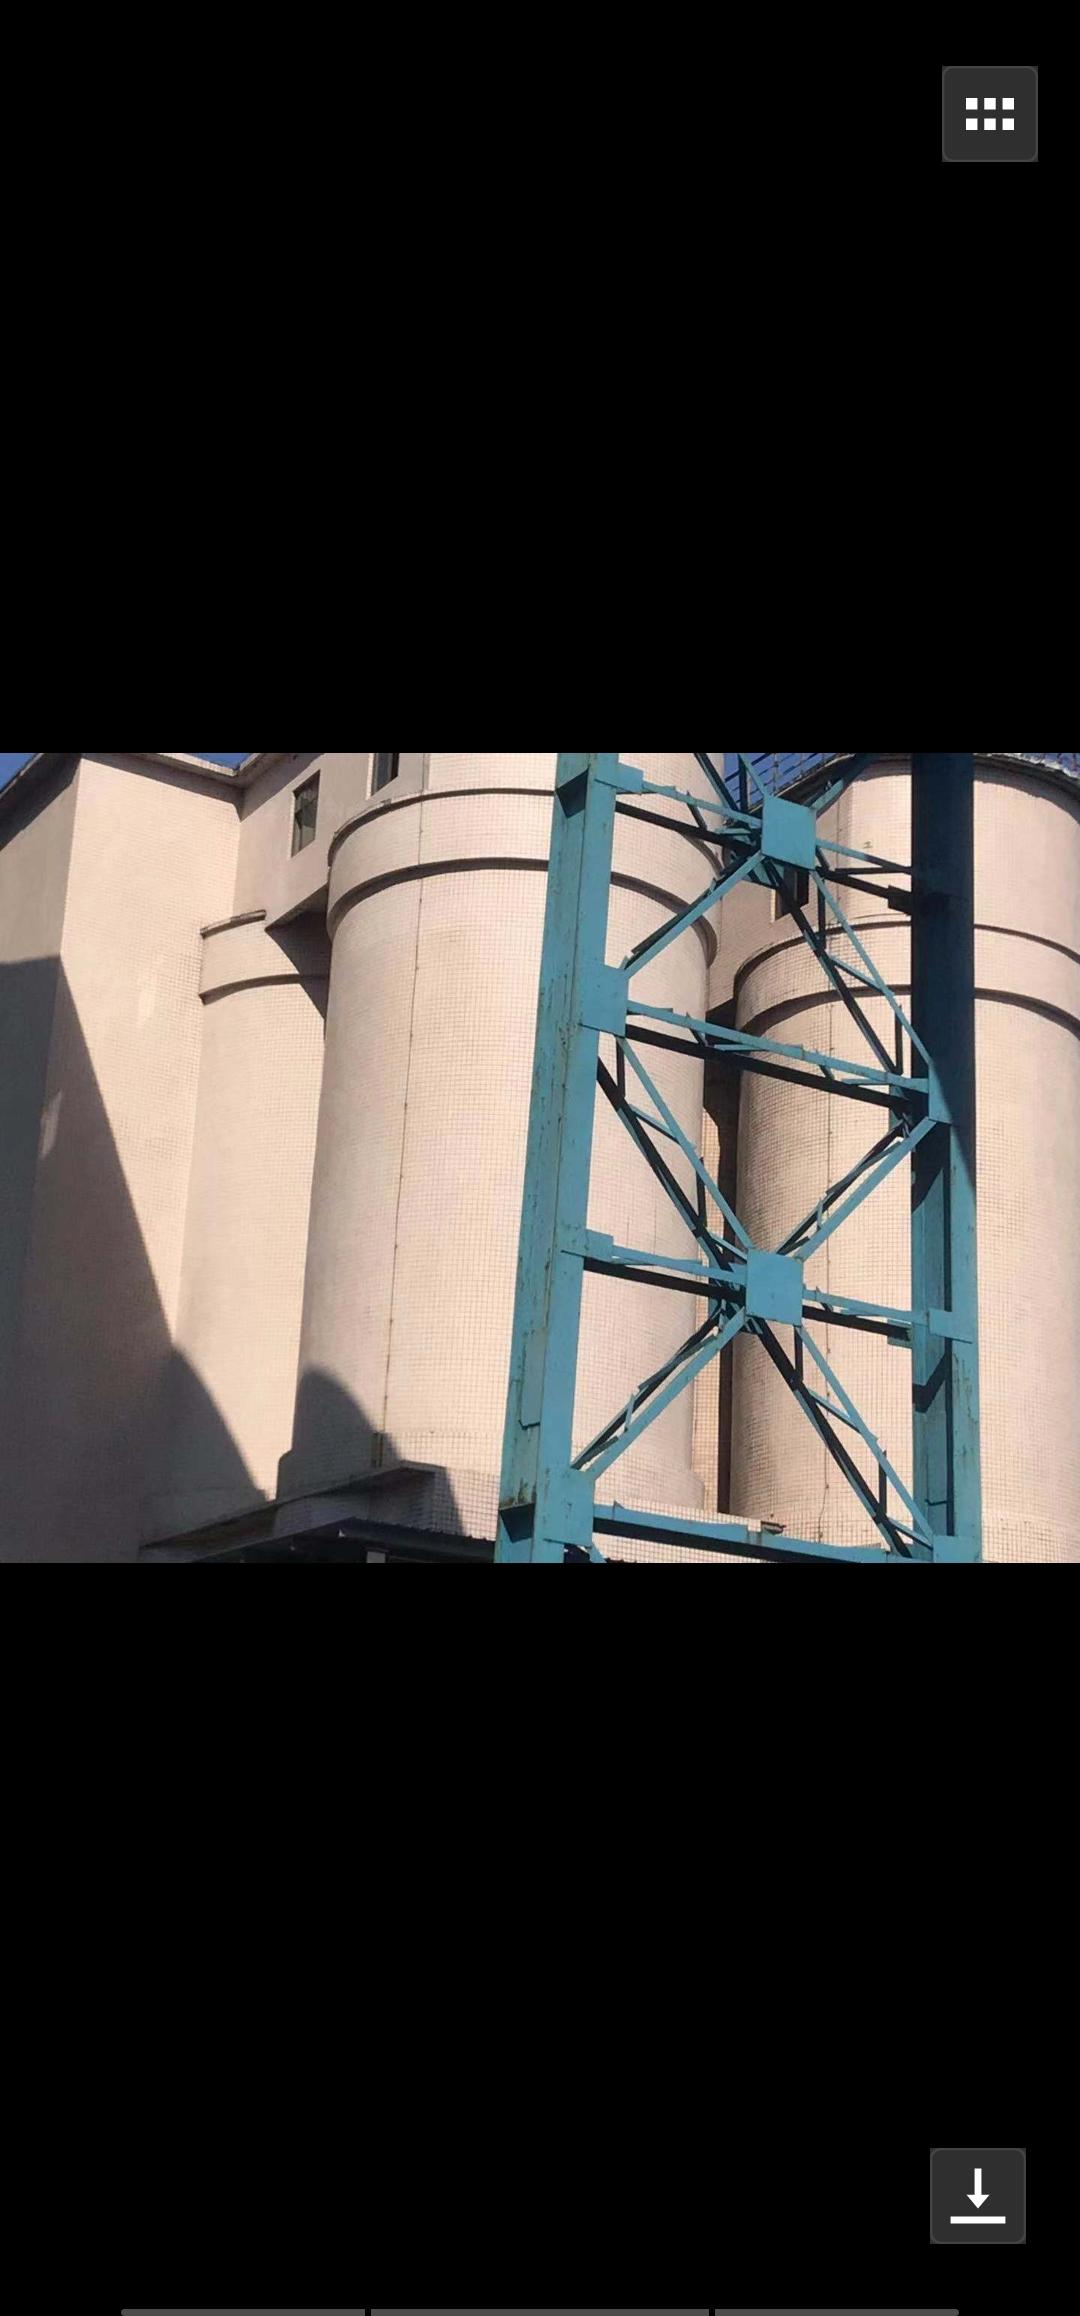 山东潍坊找个加长臂挖机拆除